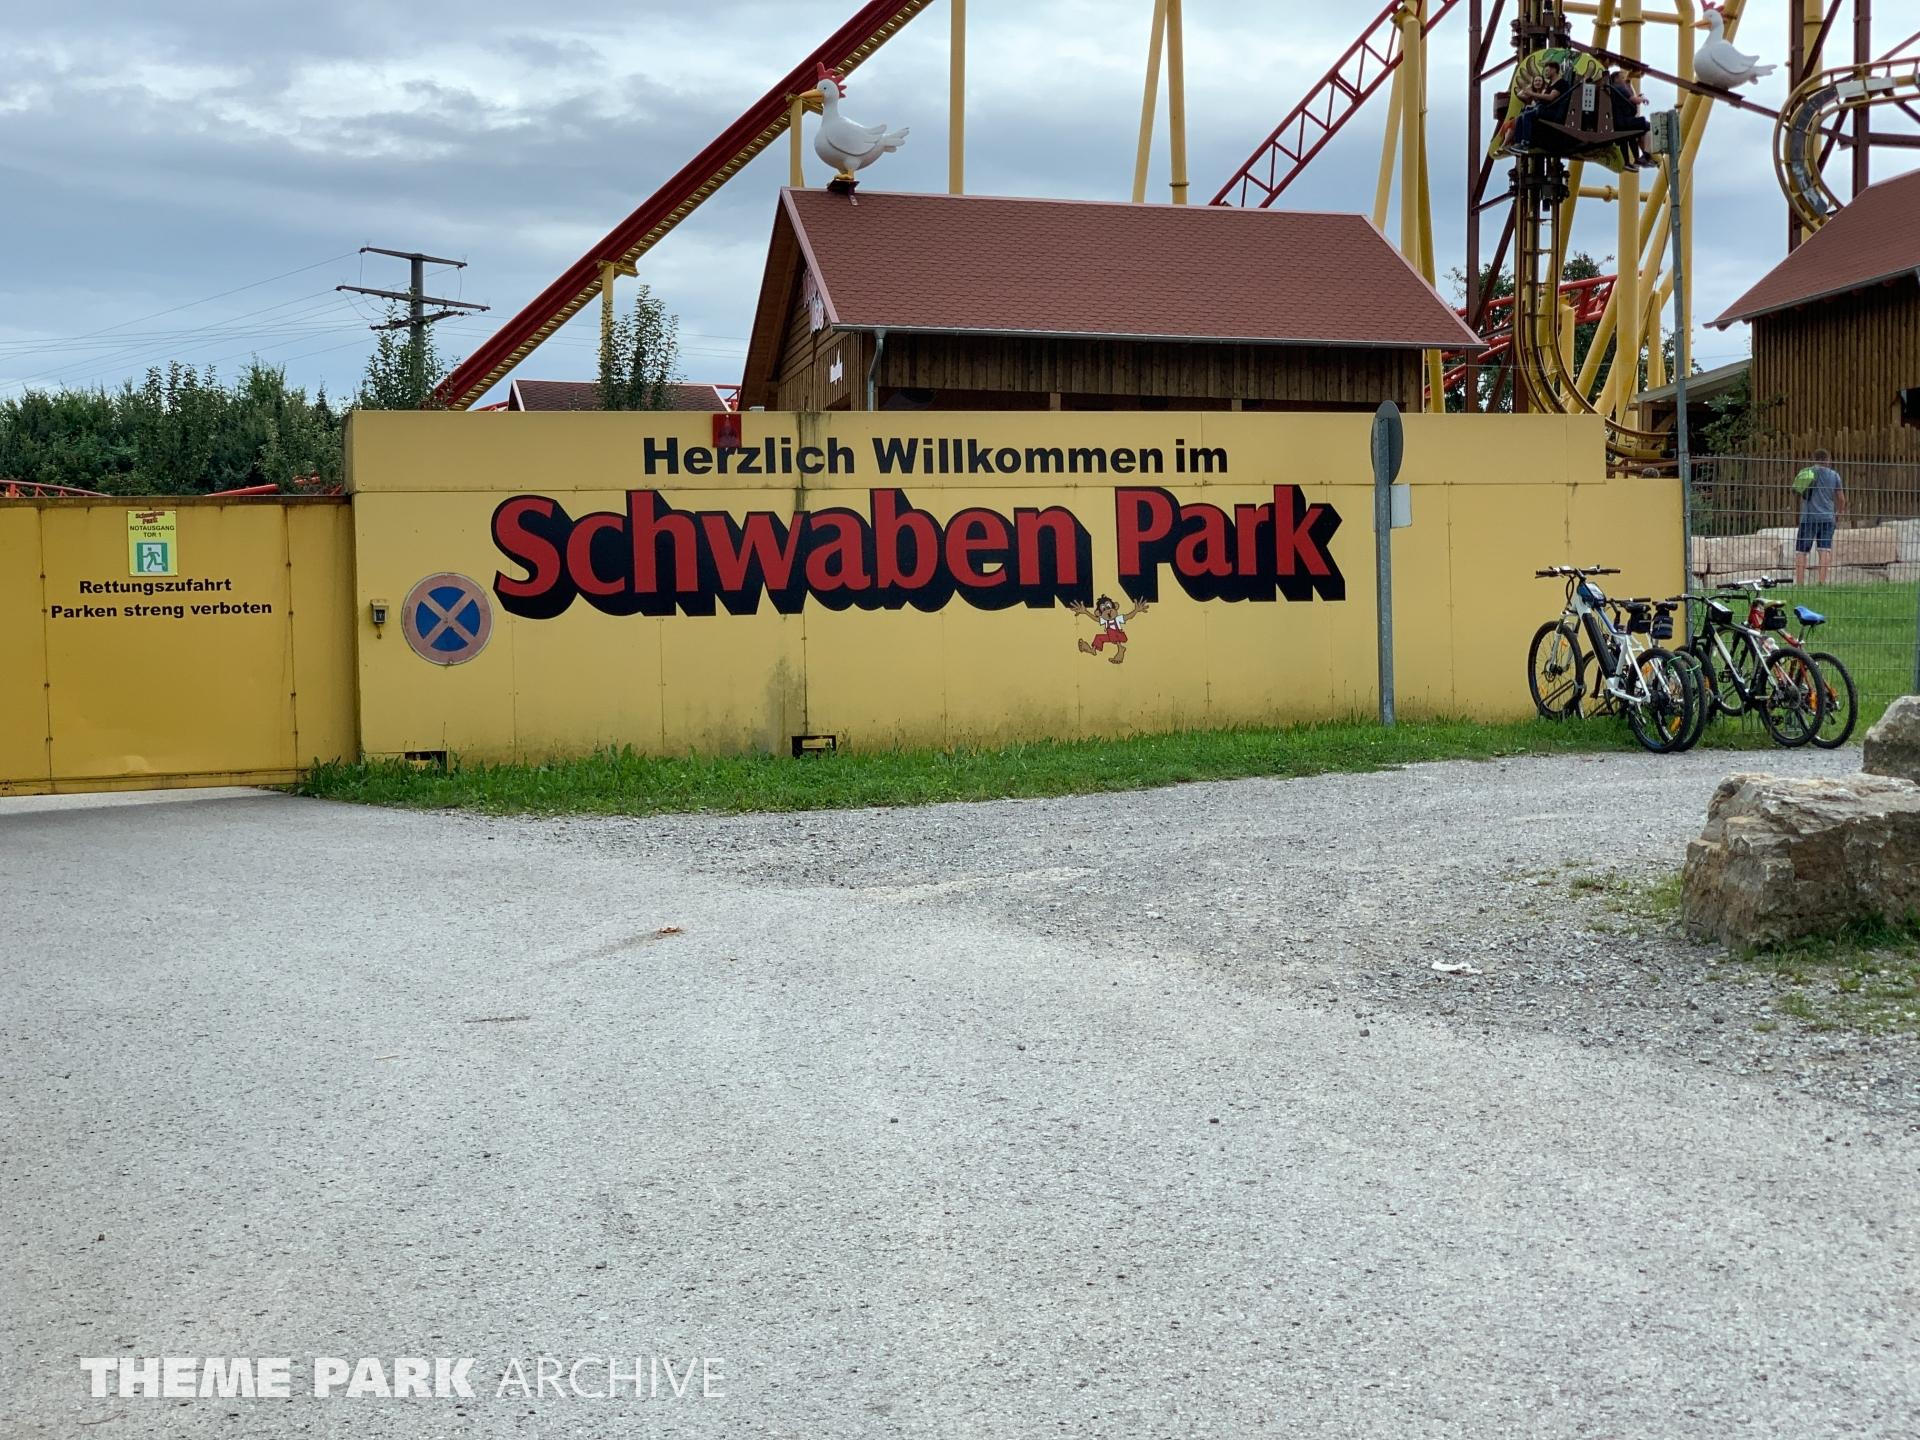 Entrance at Schwaben Park